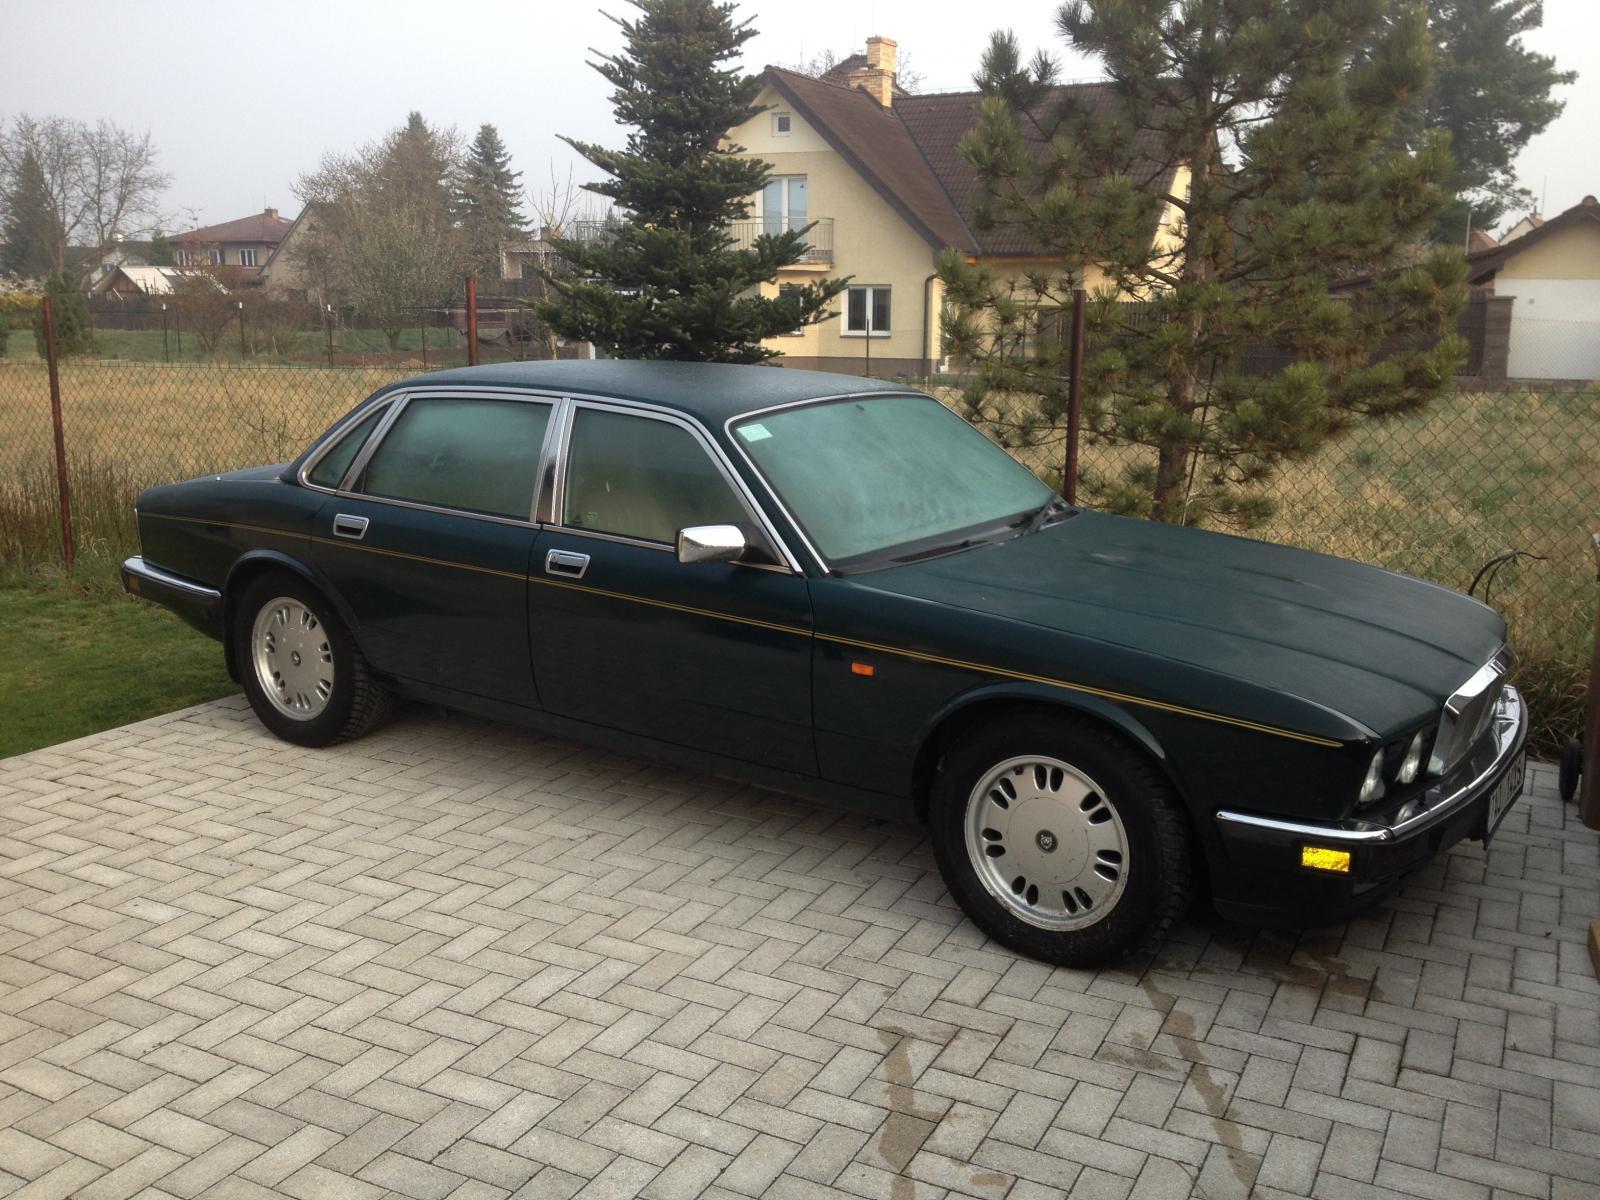 1994 Jaguar XJ40 XJ6 4.0 (244 cui) gasoline